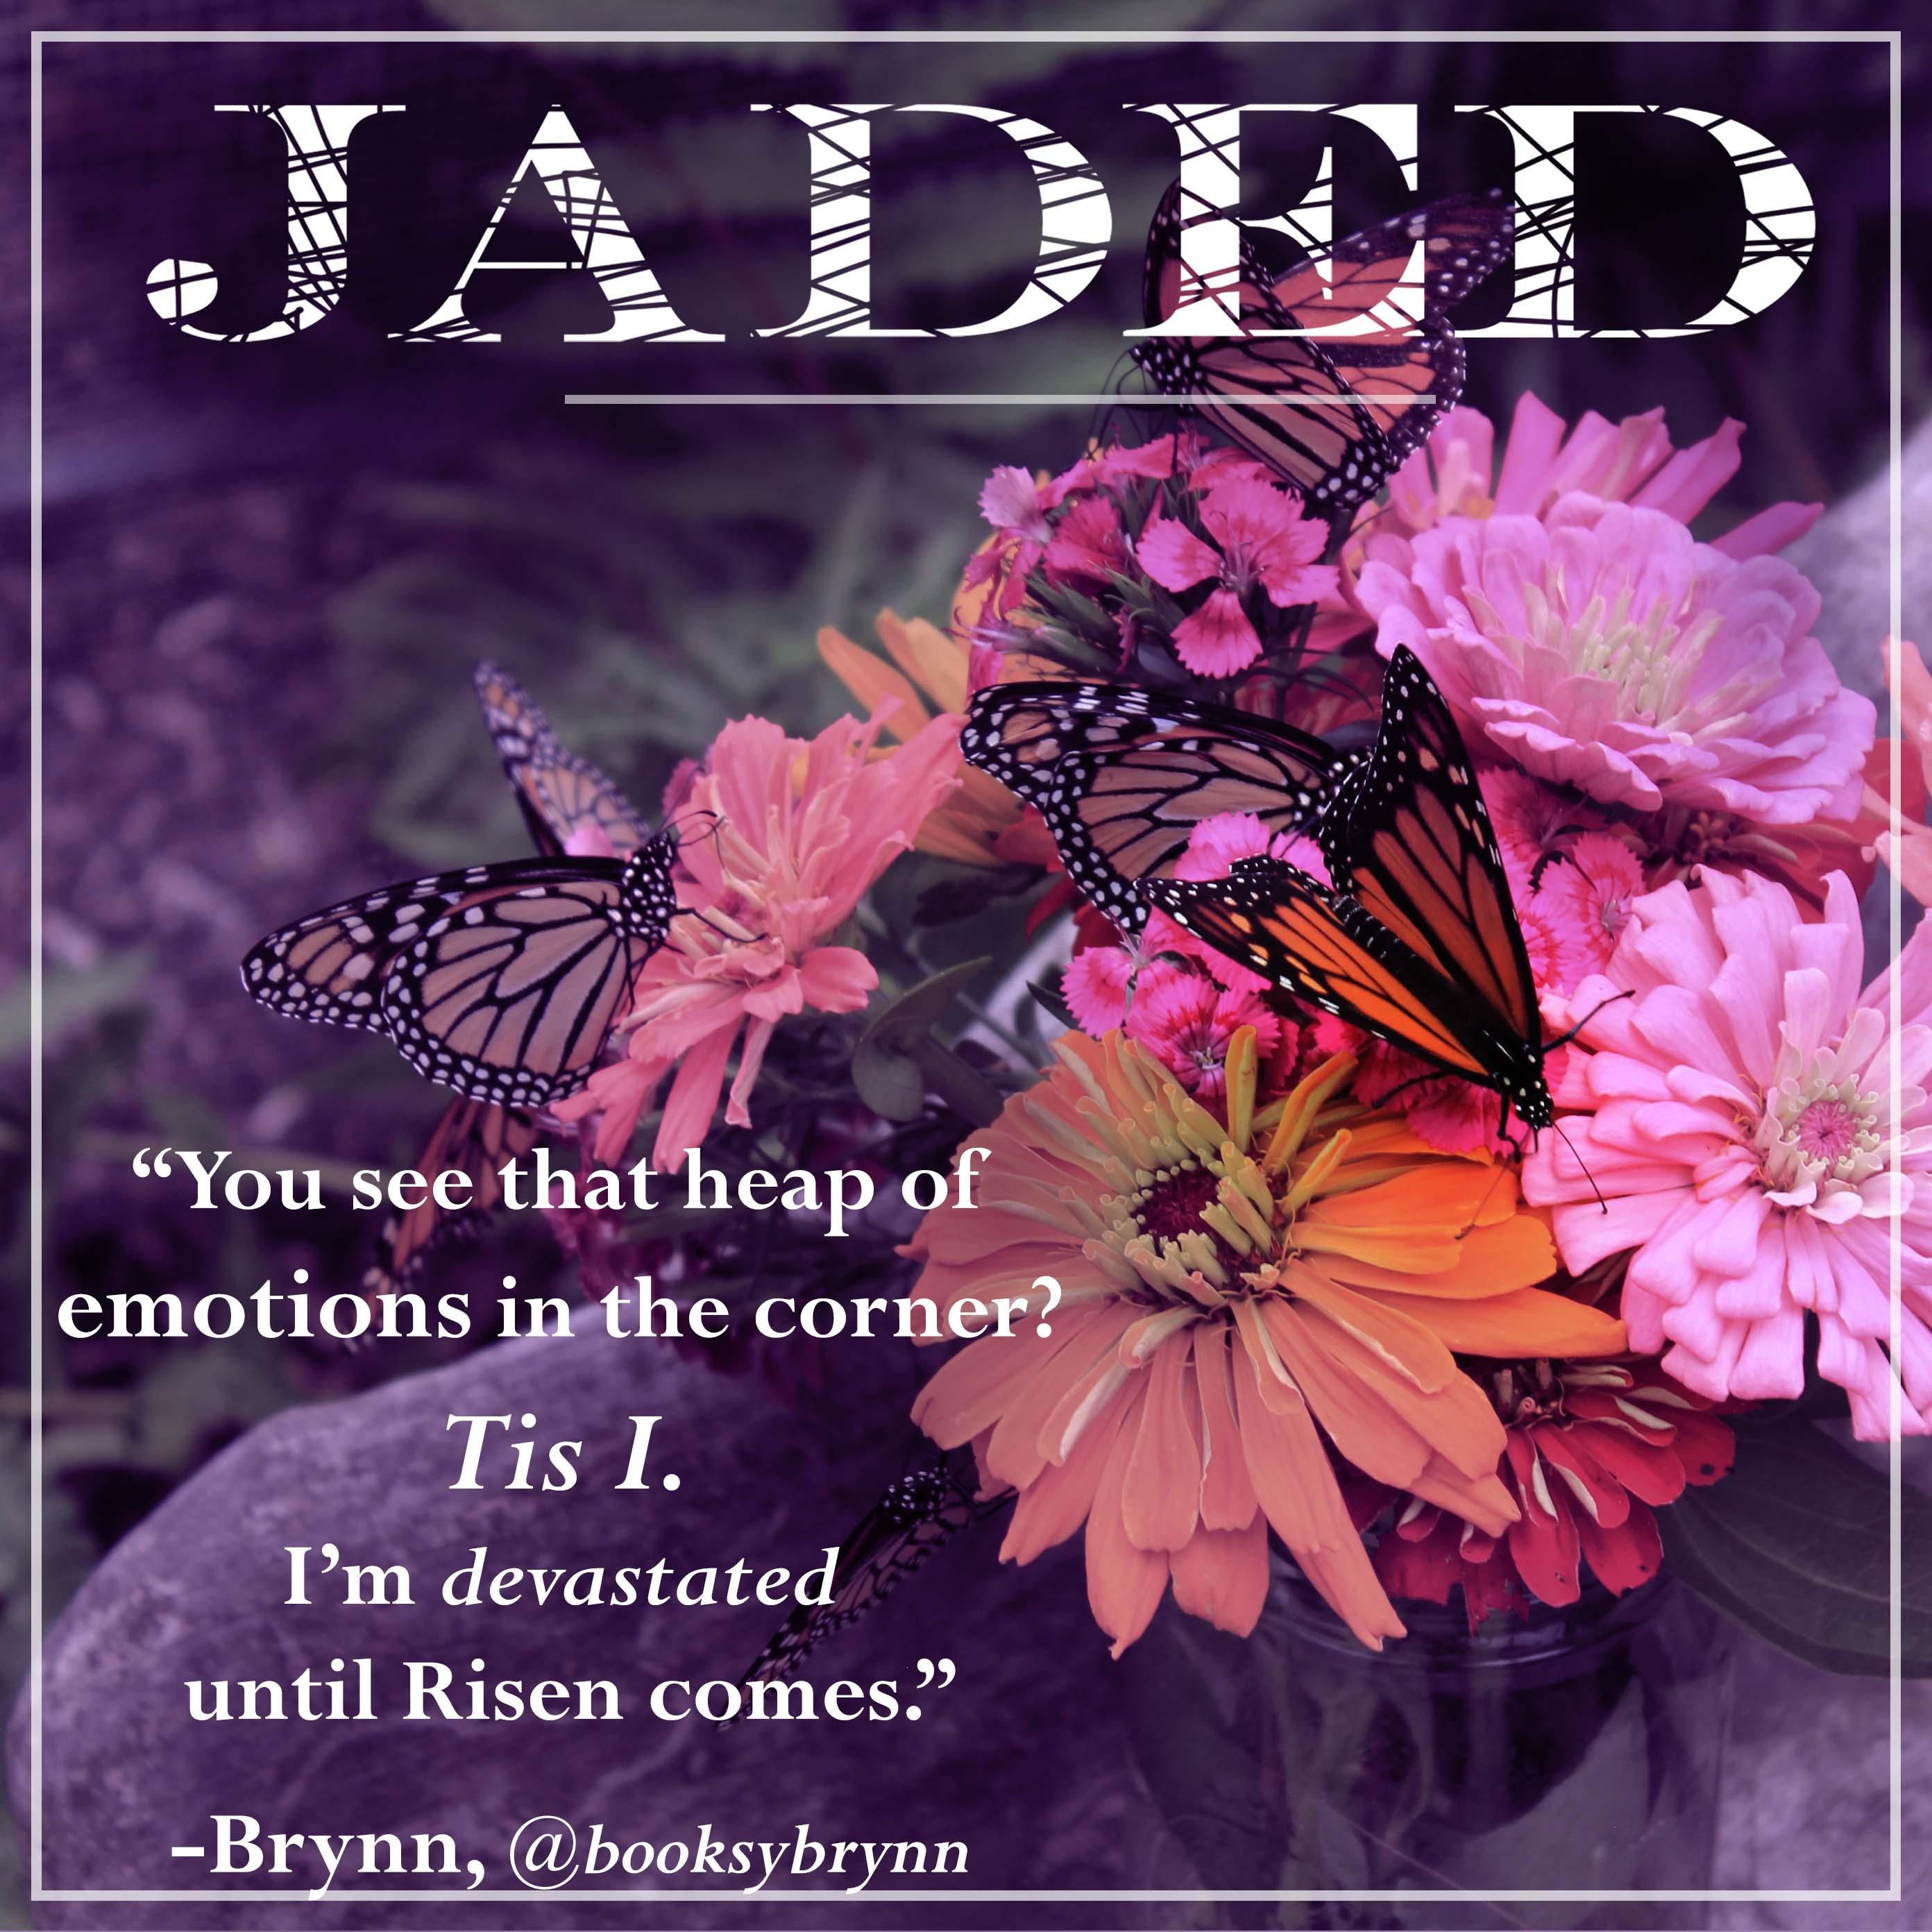 jaded fan quote-brynn emotions